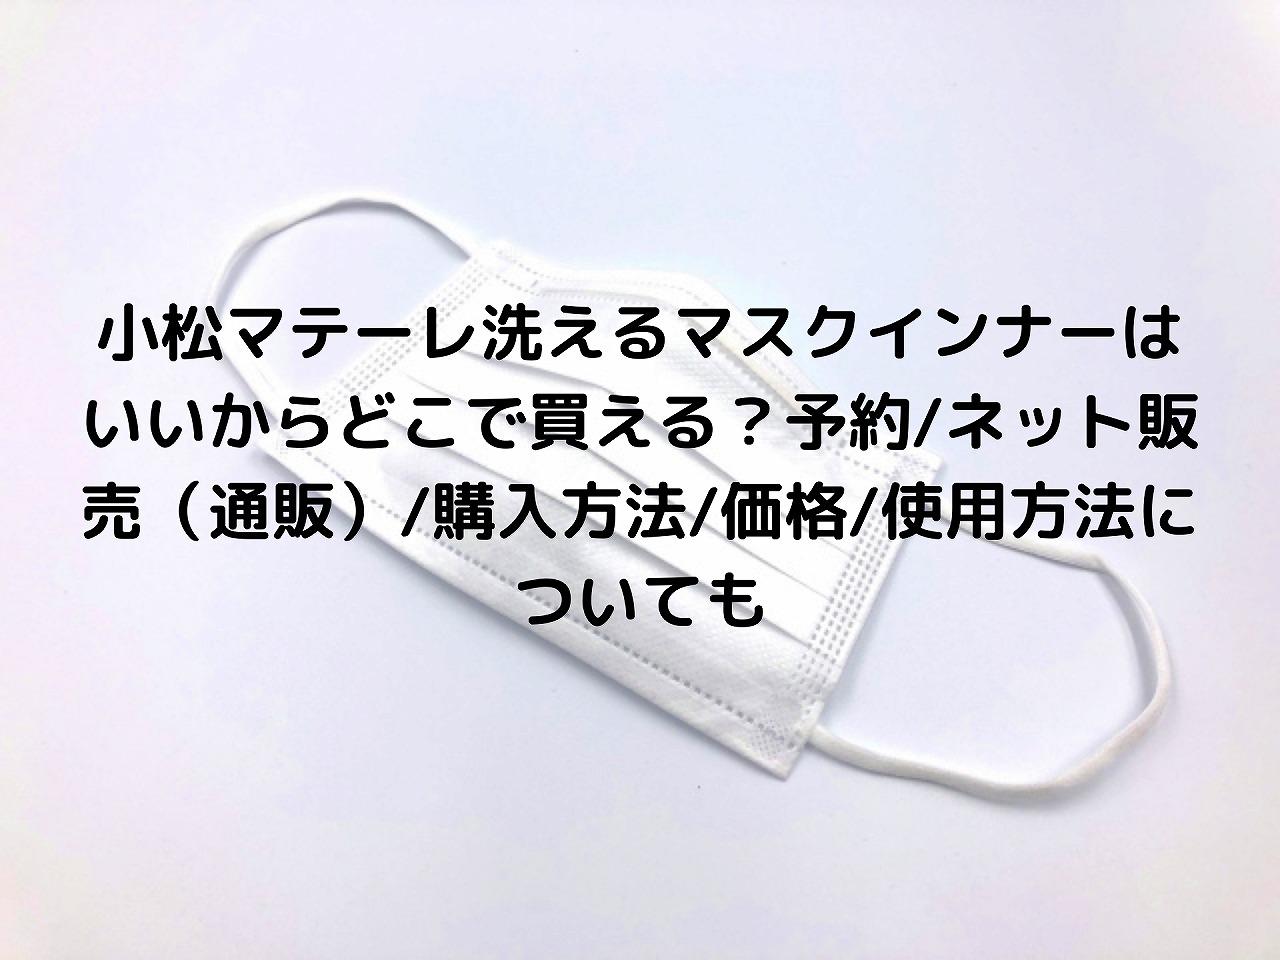 小松 マテーレ 株式 会社 マスク